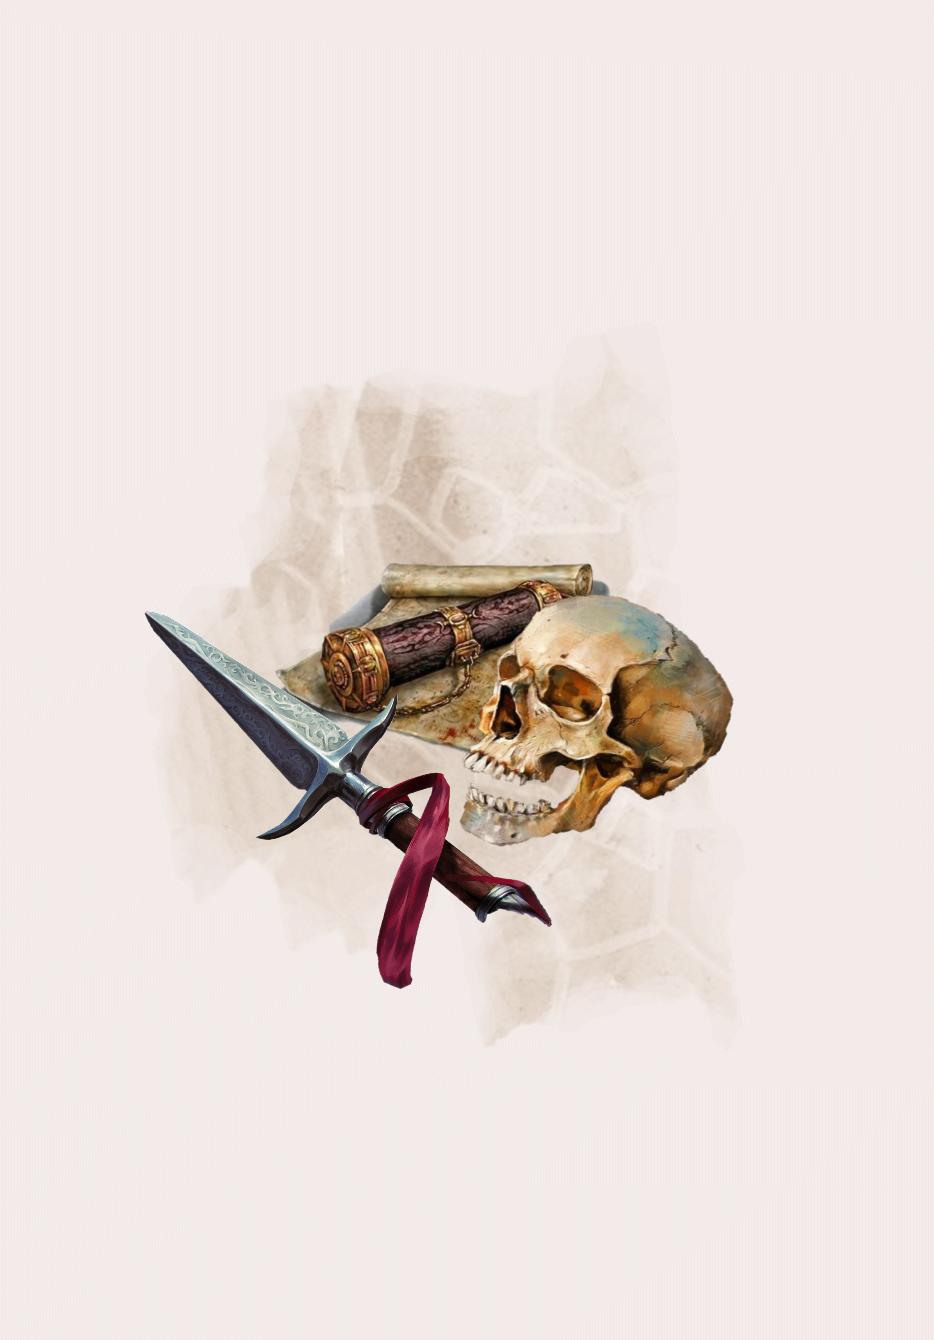 Правила смерти, боя, кражи и ограбления